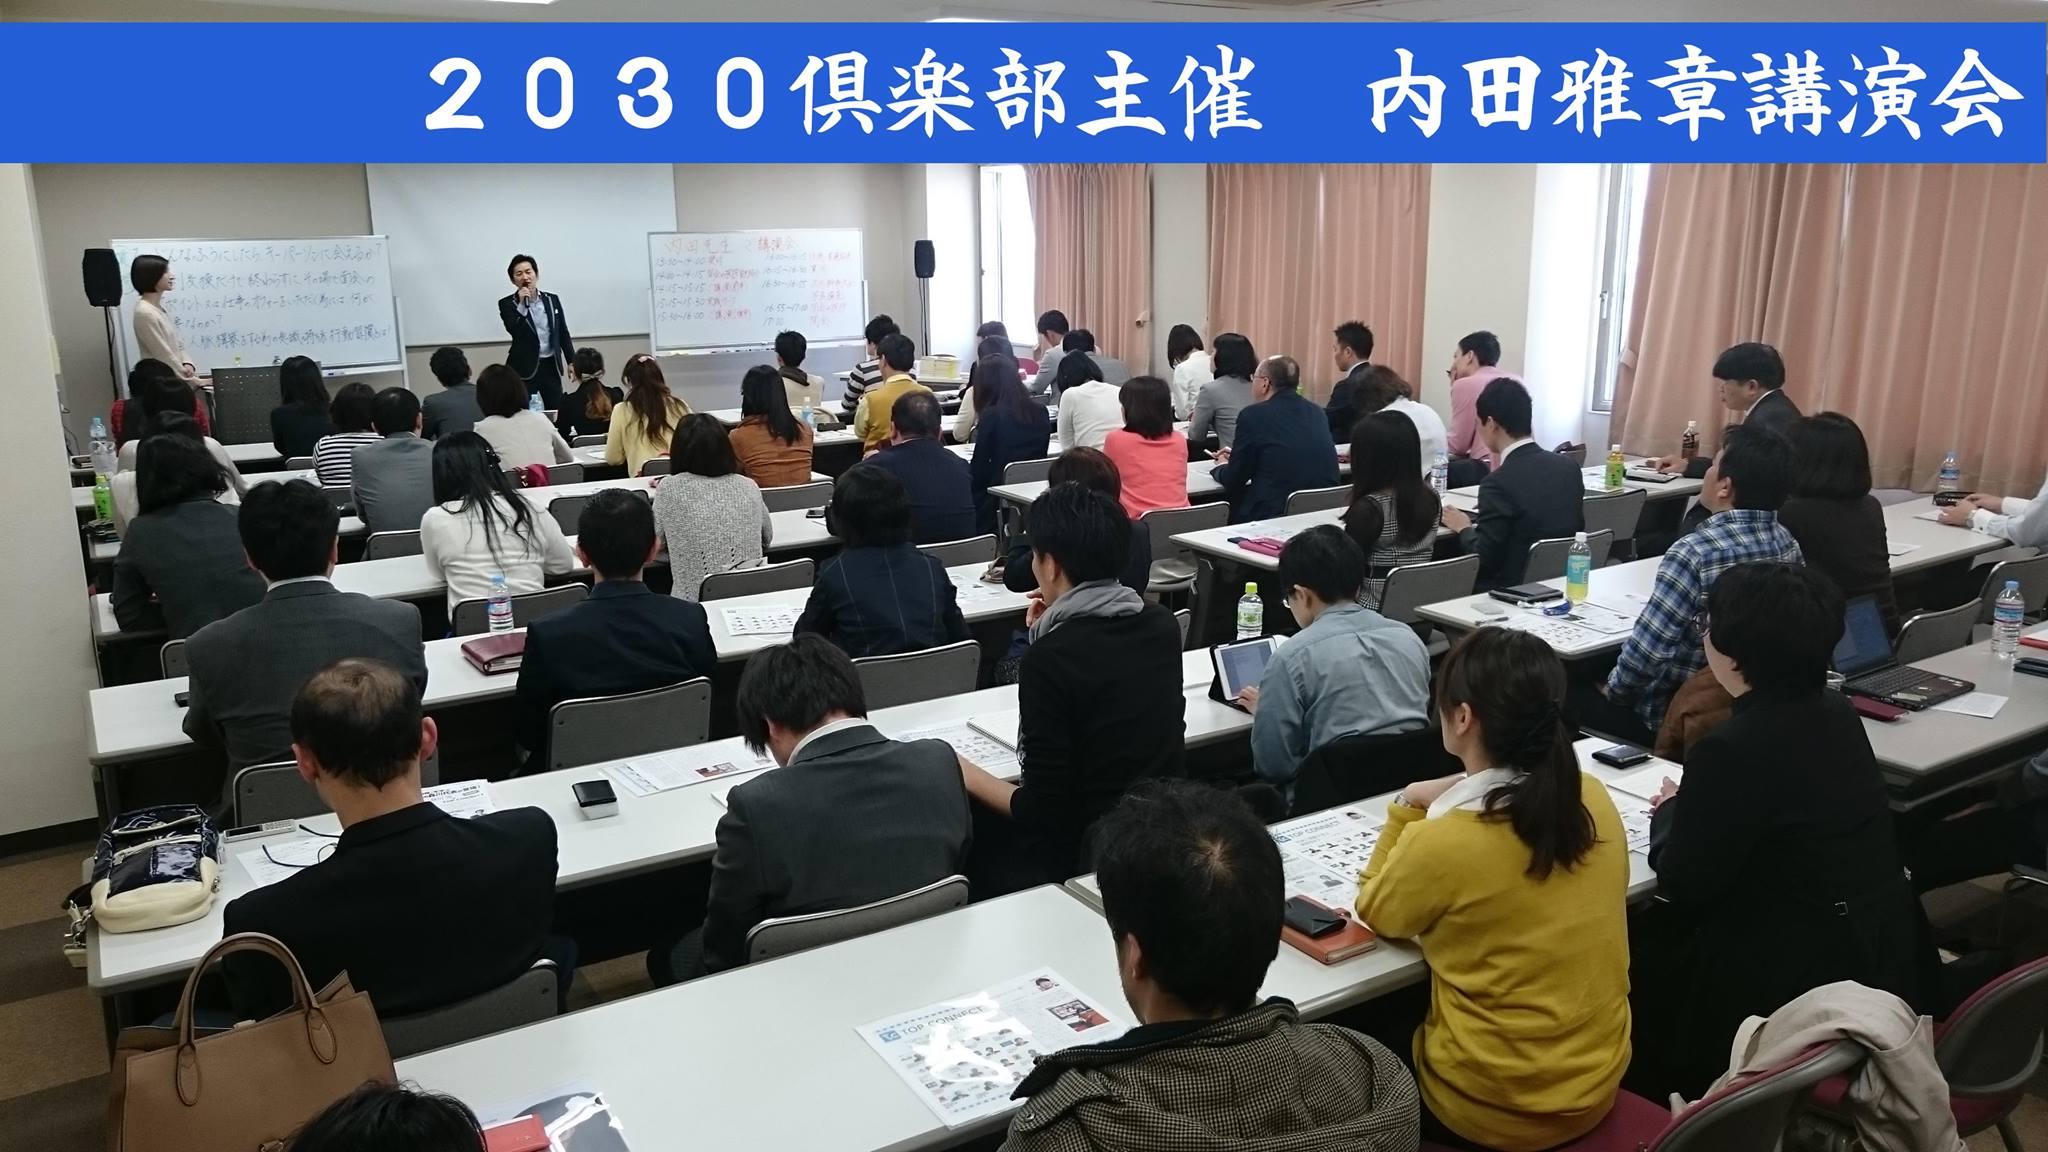 2030倶楽部主催 内田雅章講演会 人脈と時間を無駄にするな!〜ありったけの人脈をWin-Winに変えるためにやるべき3つの方法〜